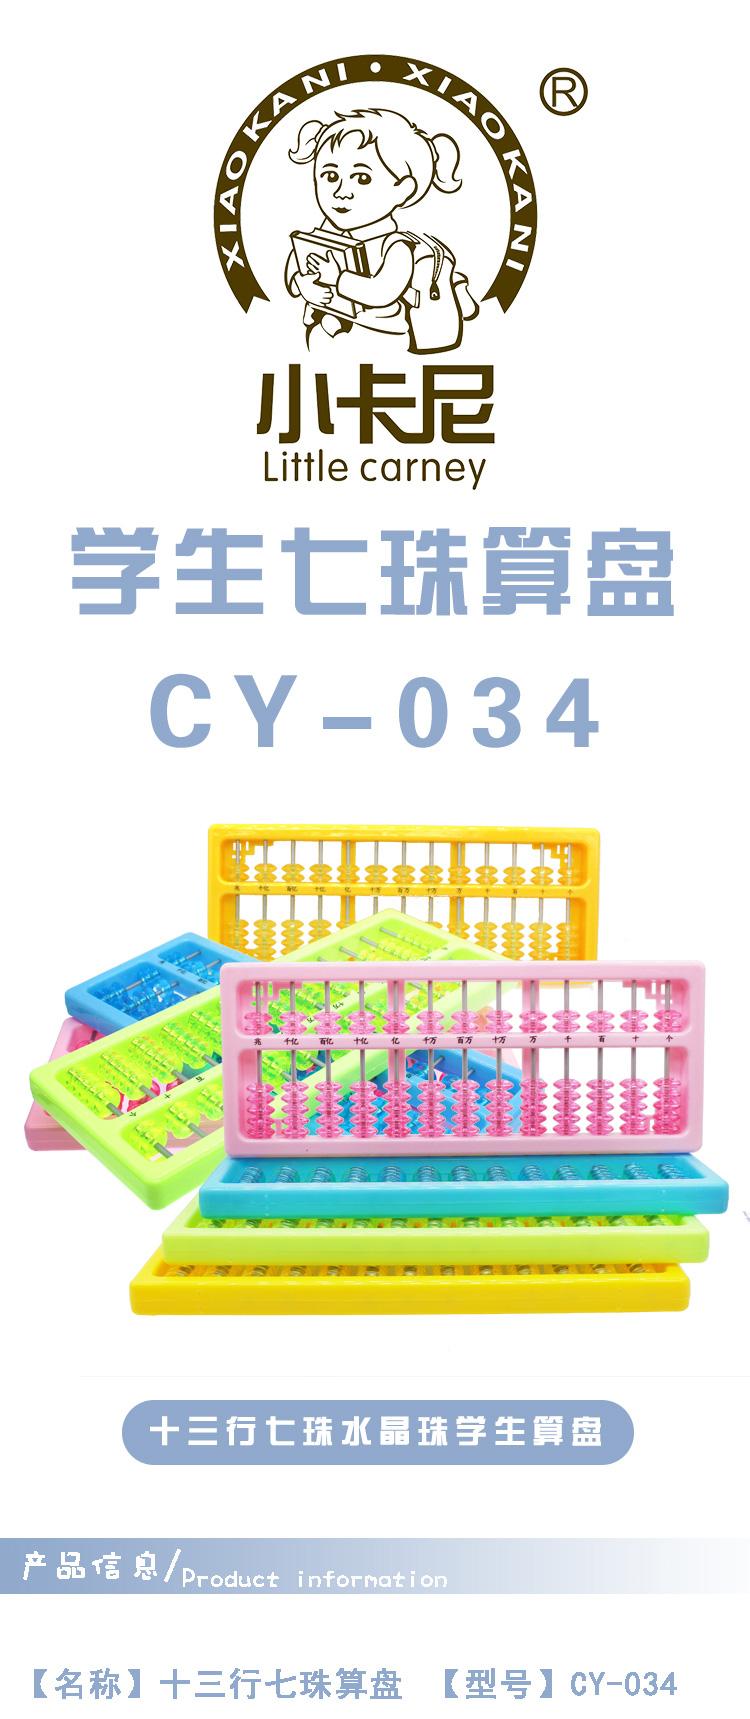 CY-034_01.jpg